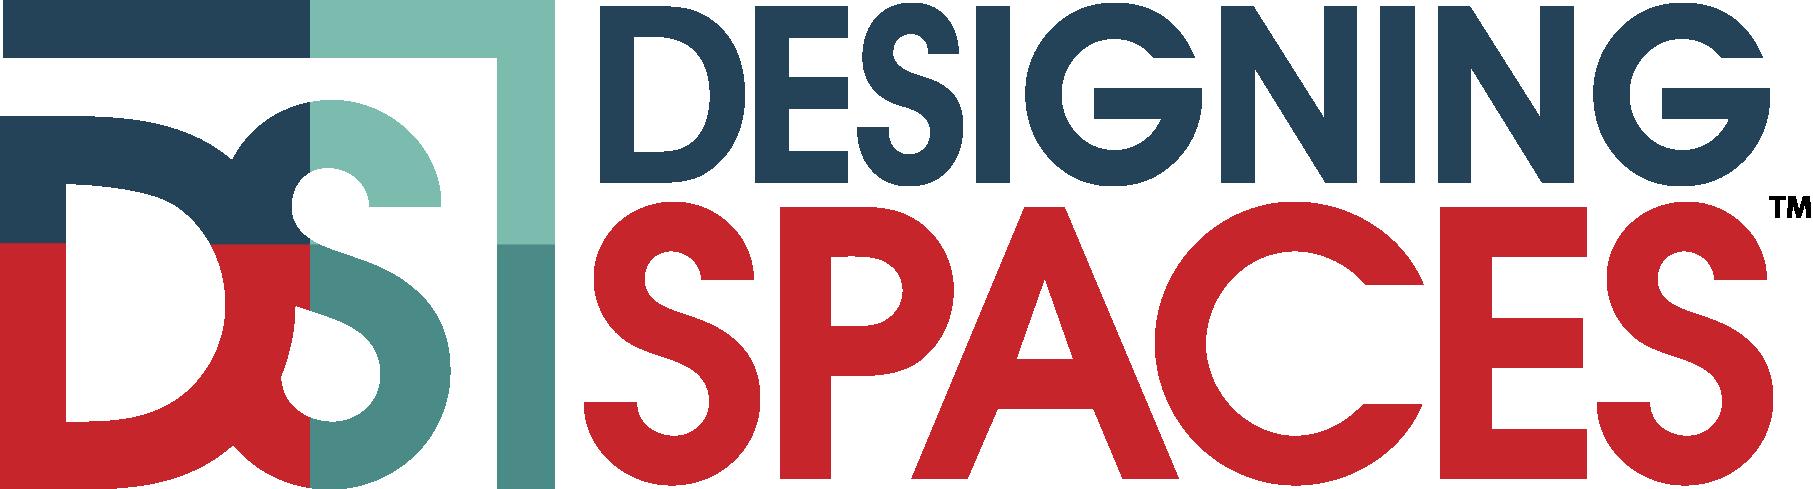 Designing Spaces_logo new